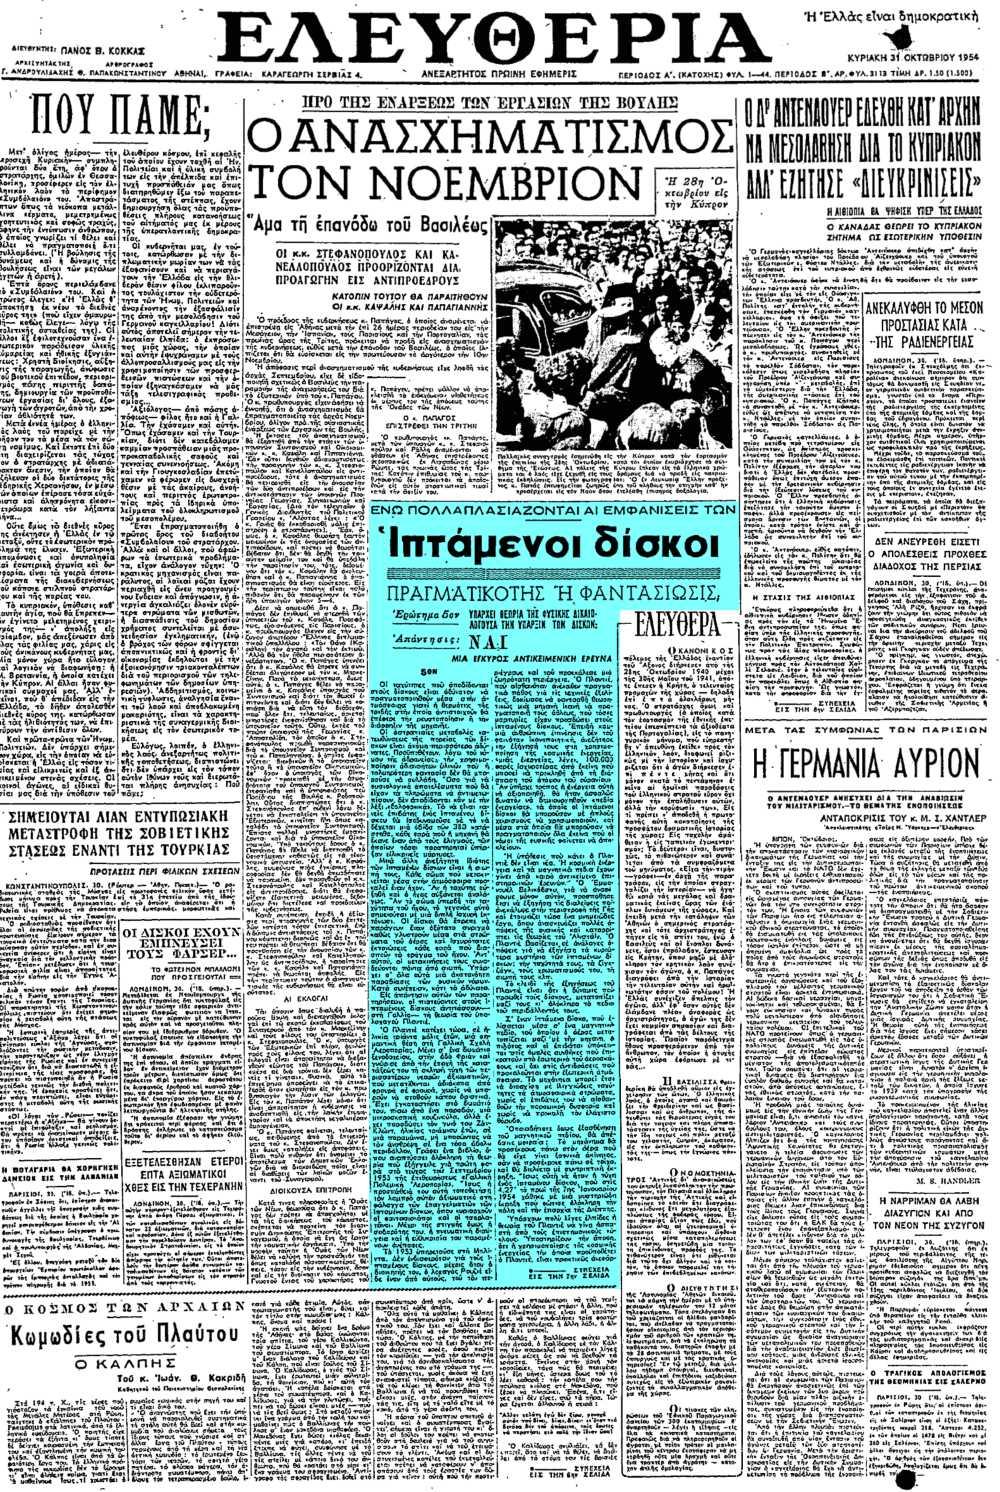 """Το άρθρο, όπως δημοσιεύθηκε στην εφημερίδα """"ΕΛΕΥΘΕΡΙΑ"""", στις 31/10/1954"""